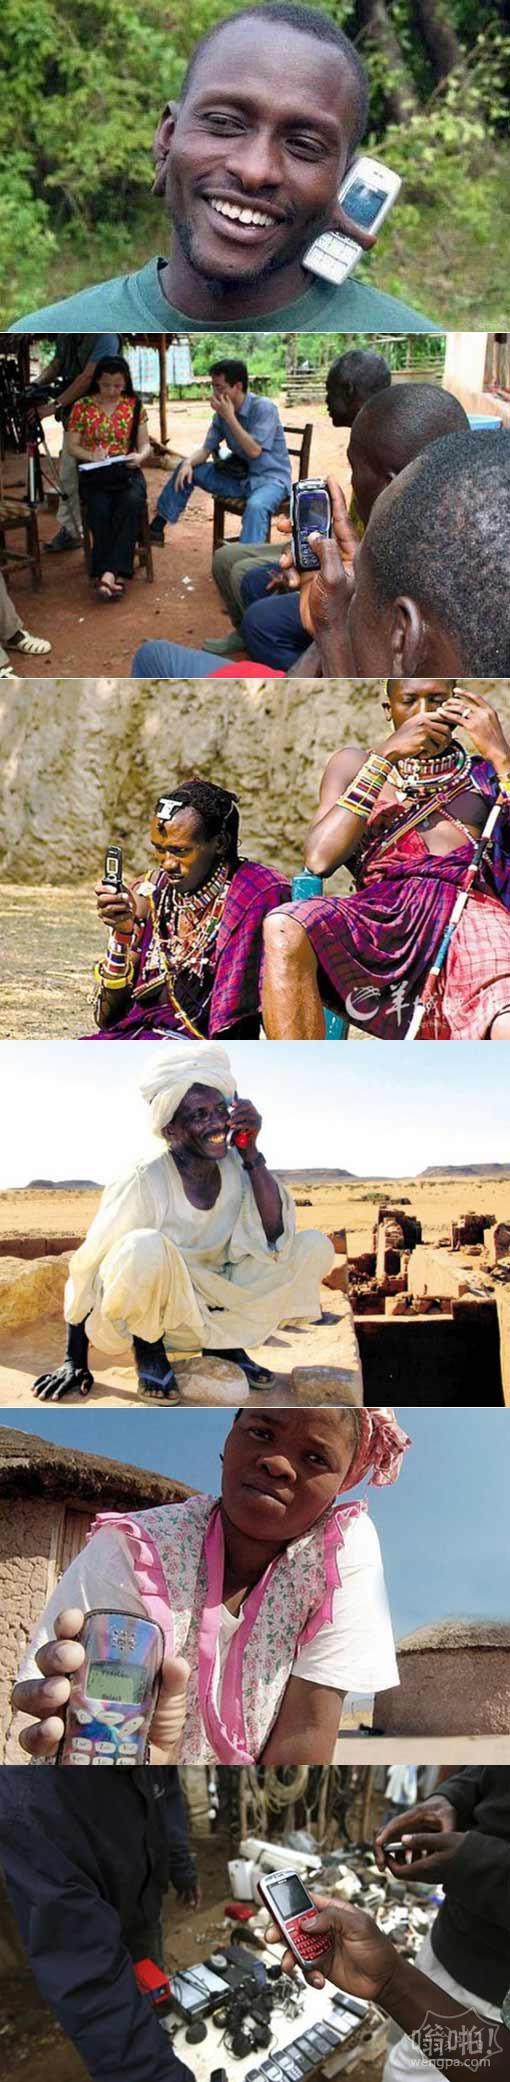 看看非洲人是怎么用手机的:非洲手机市场探秘 山寨机退出品牌吃香